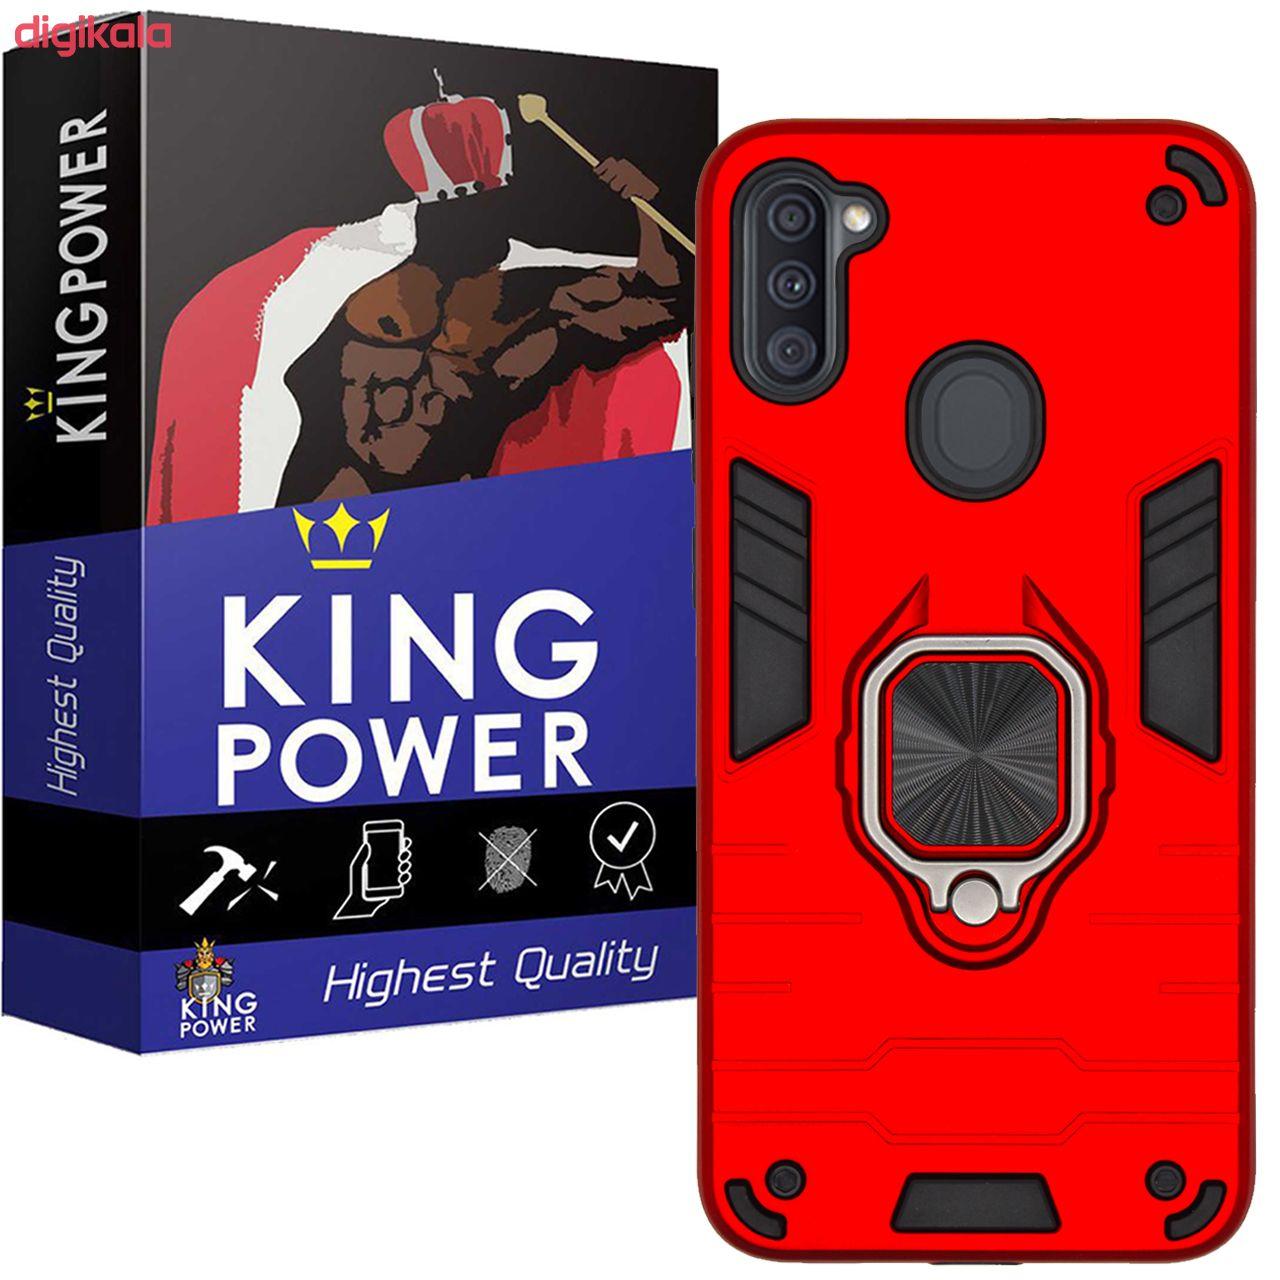 کاور کینگ پاور مدل ASH22 مناسب برای گوشی موبایل سامسونگ Galaxy A11 main 1 1